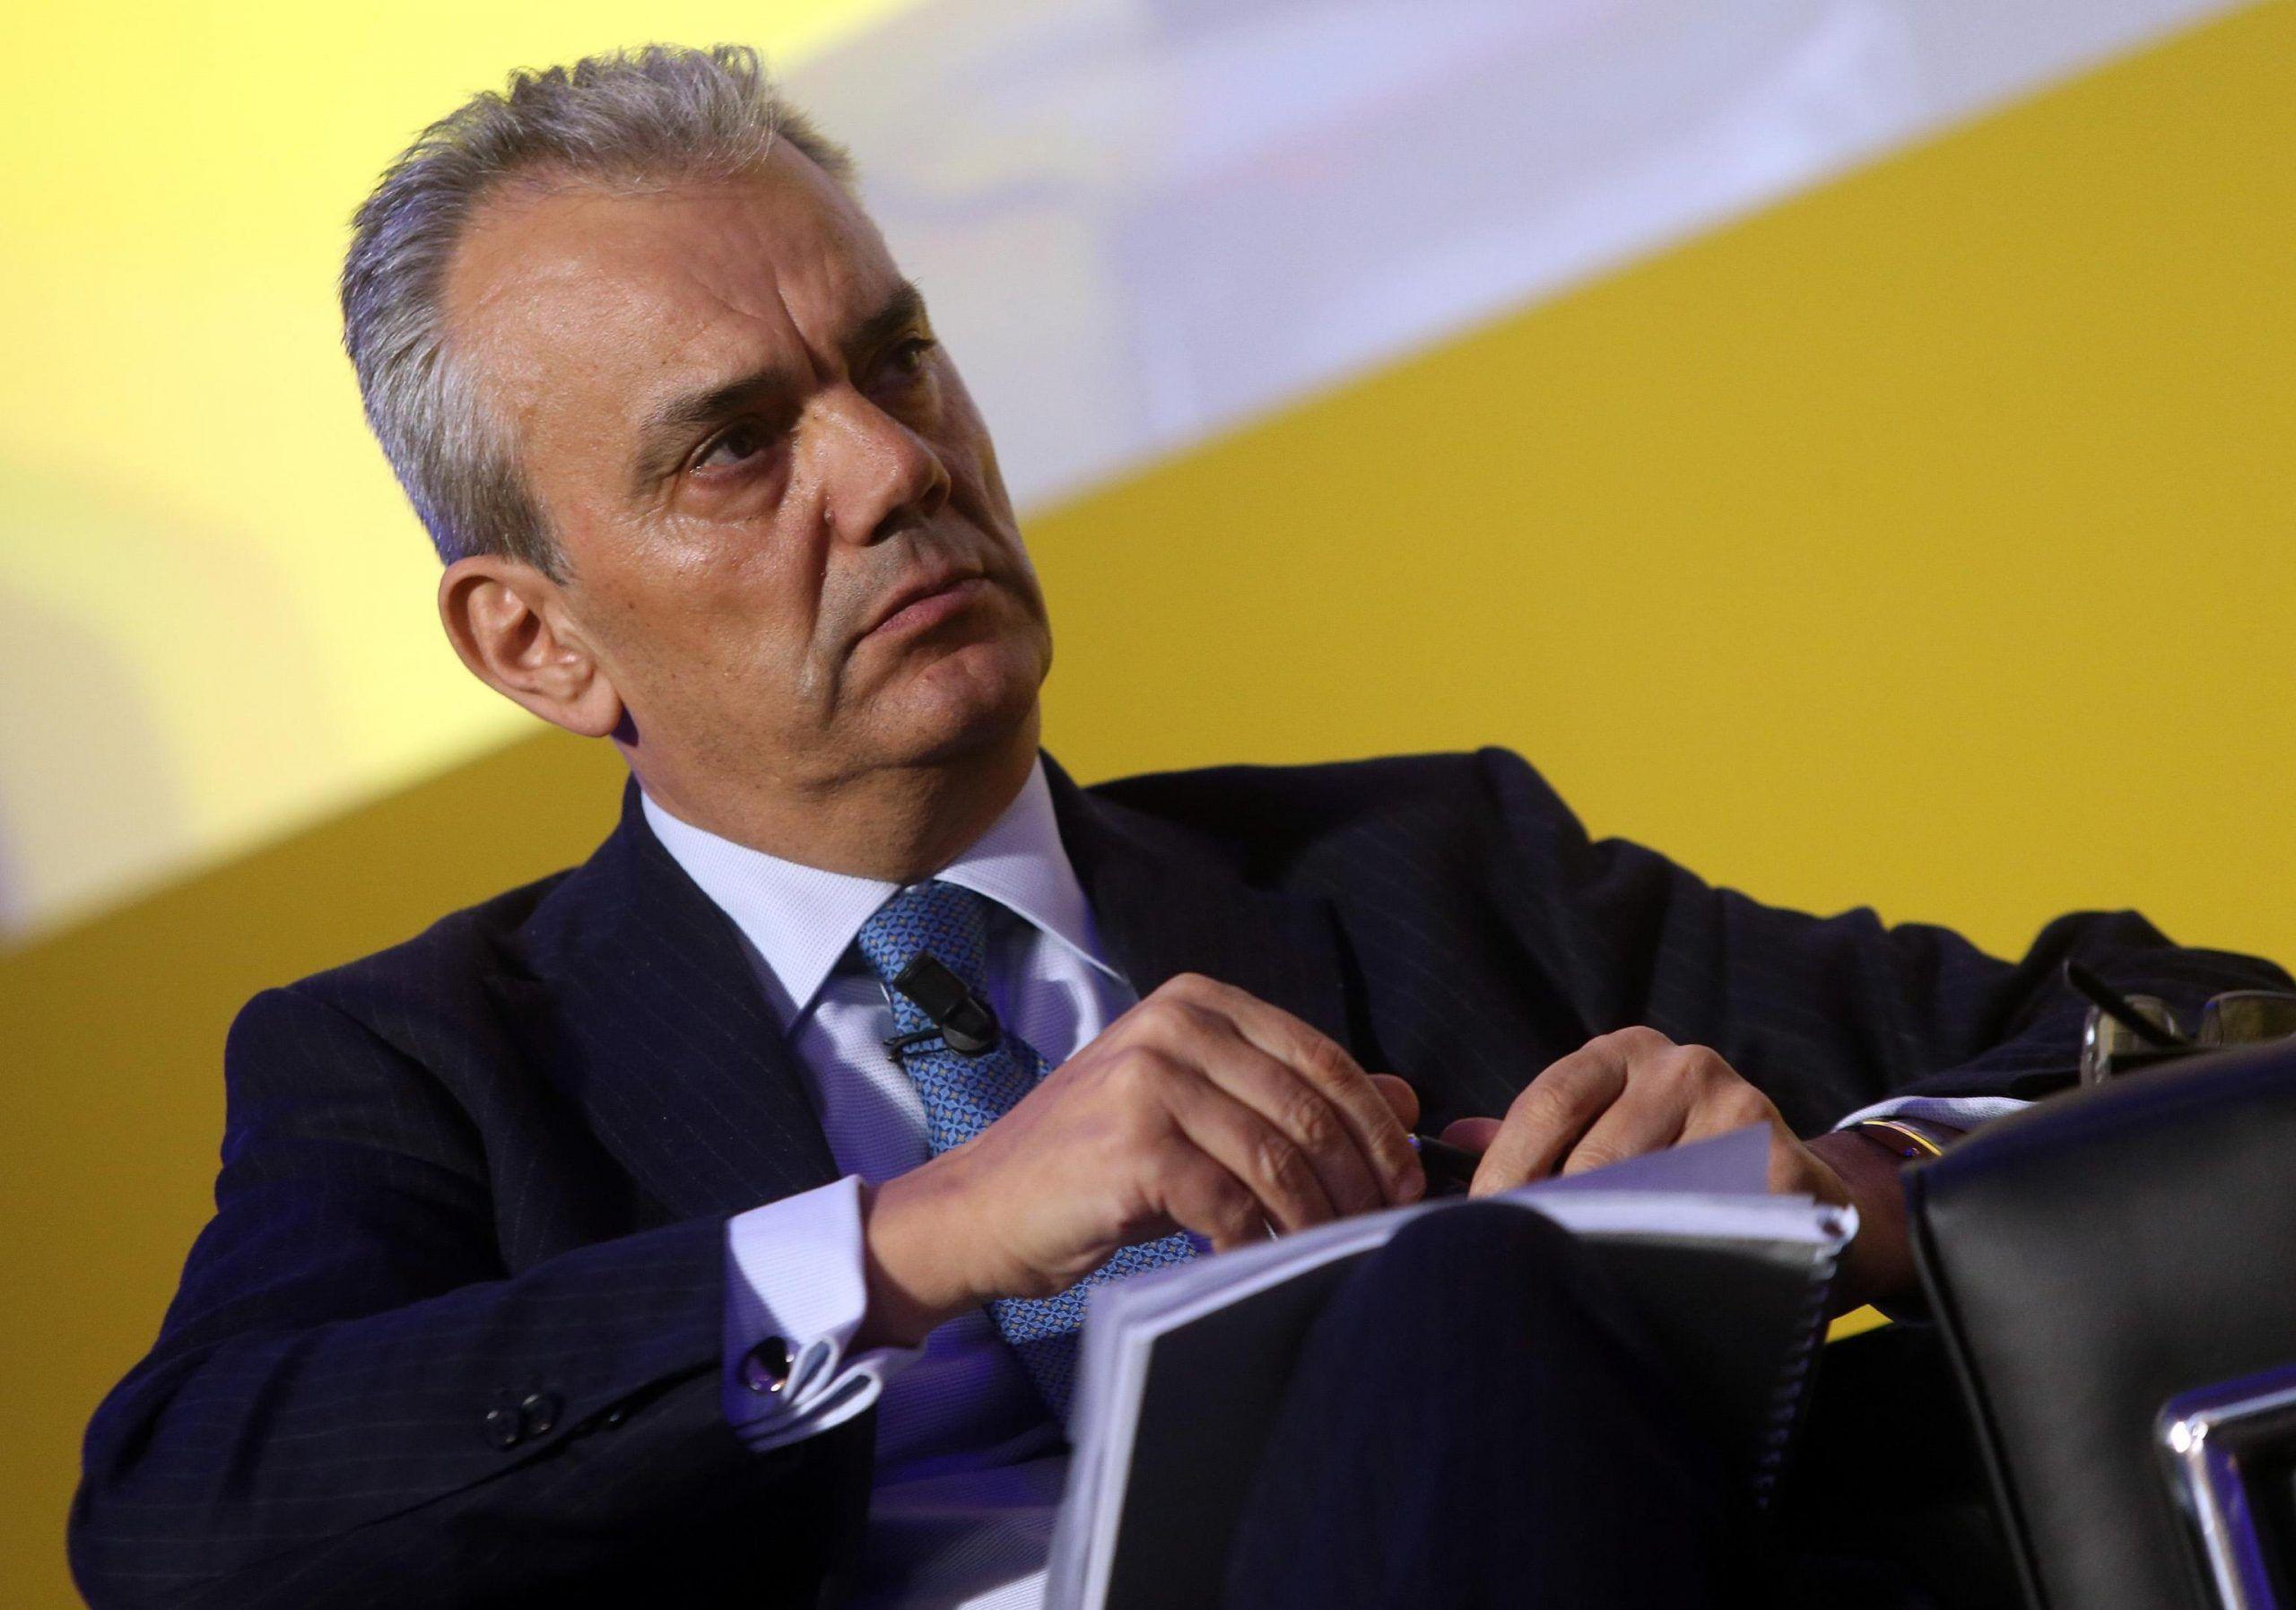 Donato Iacovone